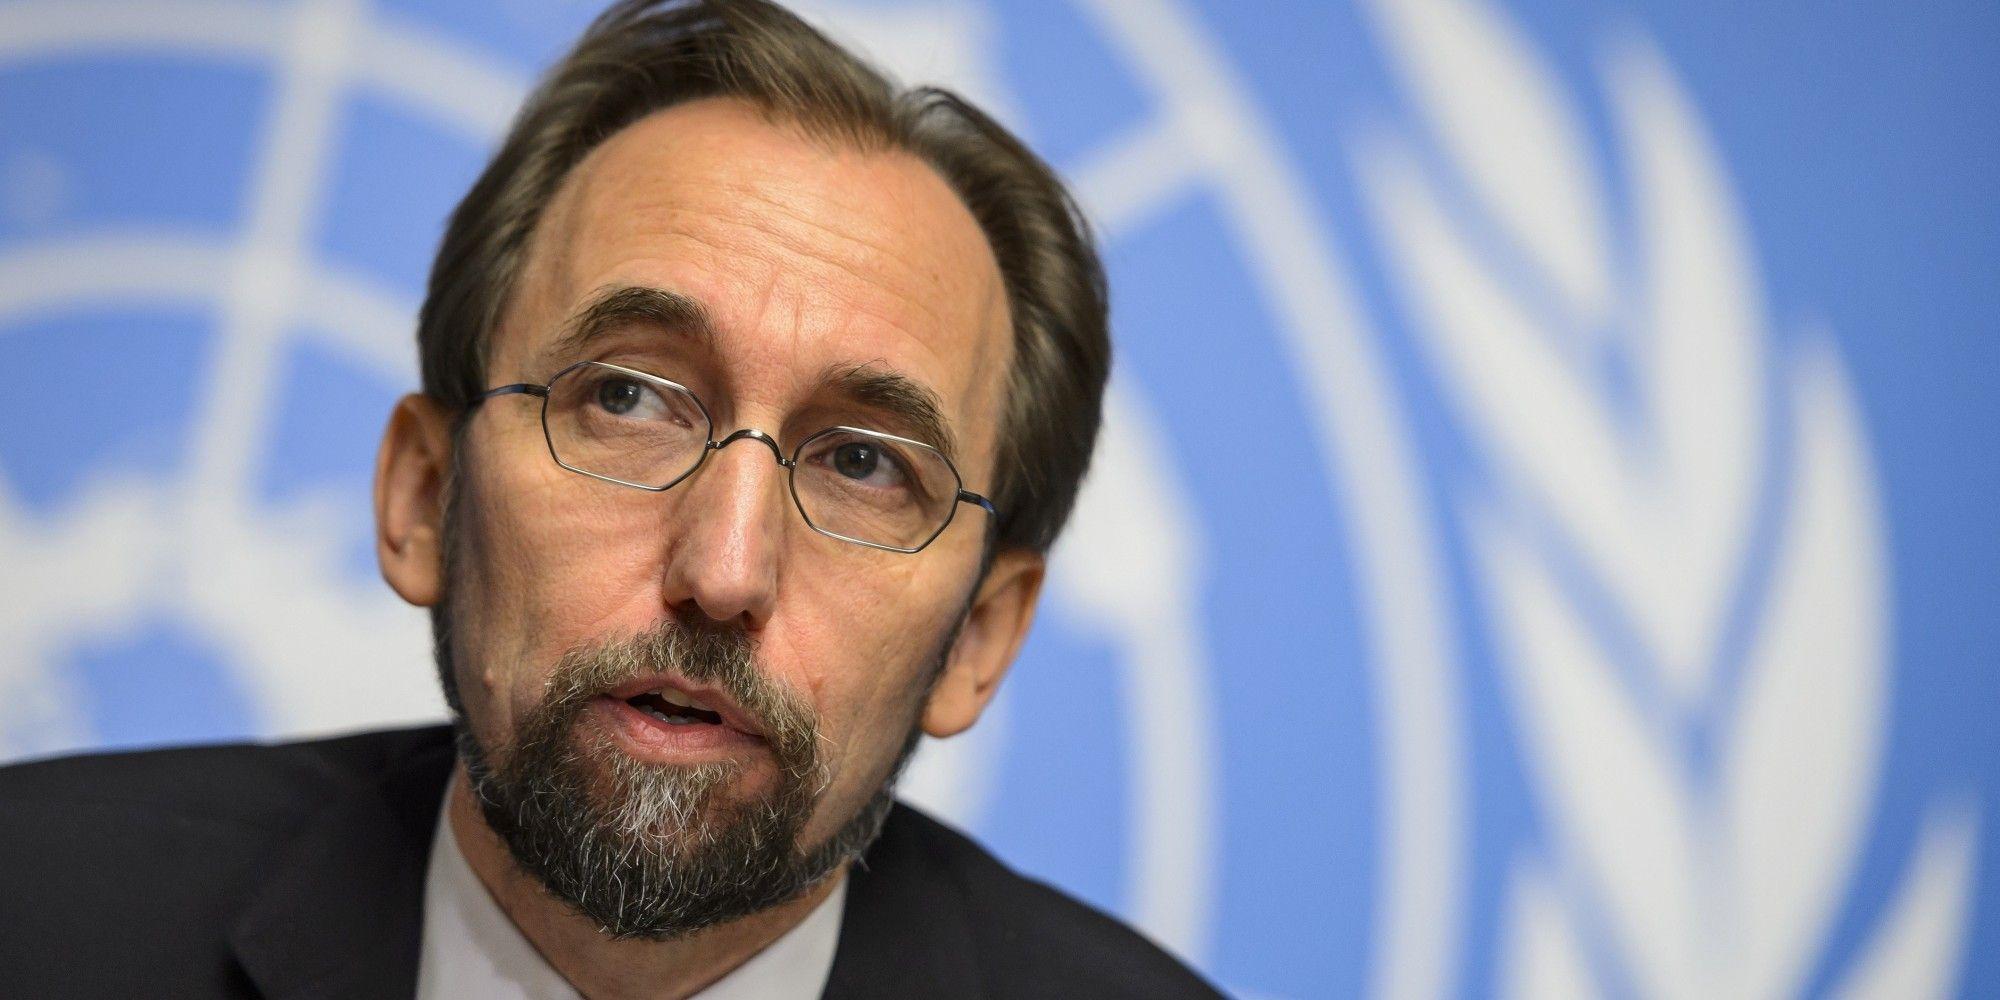 Fuerzas federales, cómplices de desapariciones en México — ONU